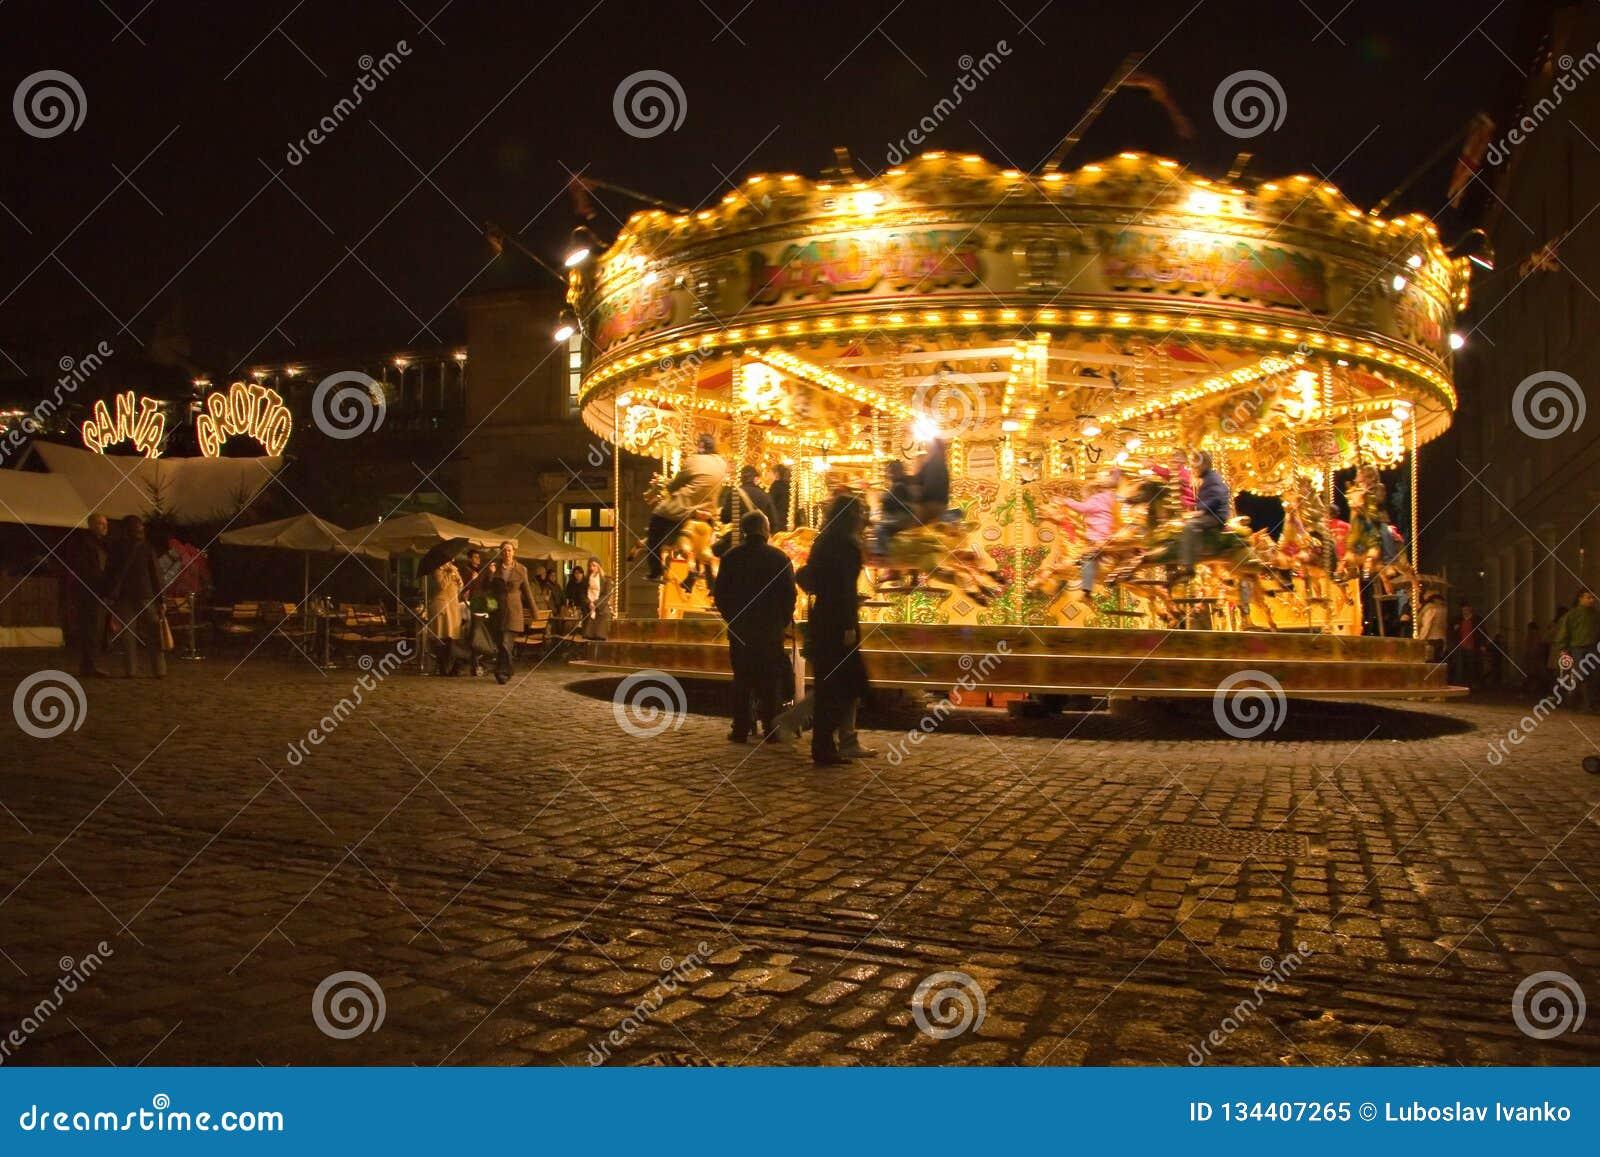 Лондон, Великобритания - 25-ое ноября 2006: Люди идя вокруг и наблюдая carousel загоренный в вечере на Ковент Гардене